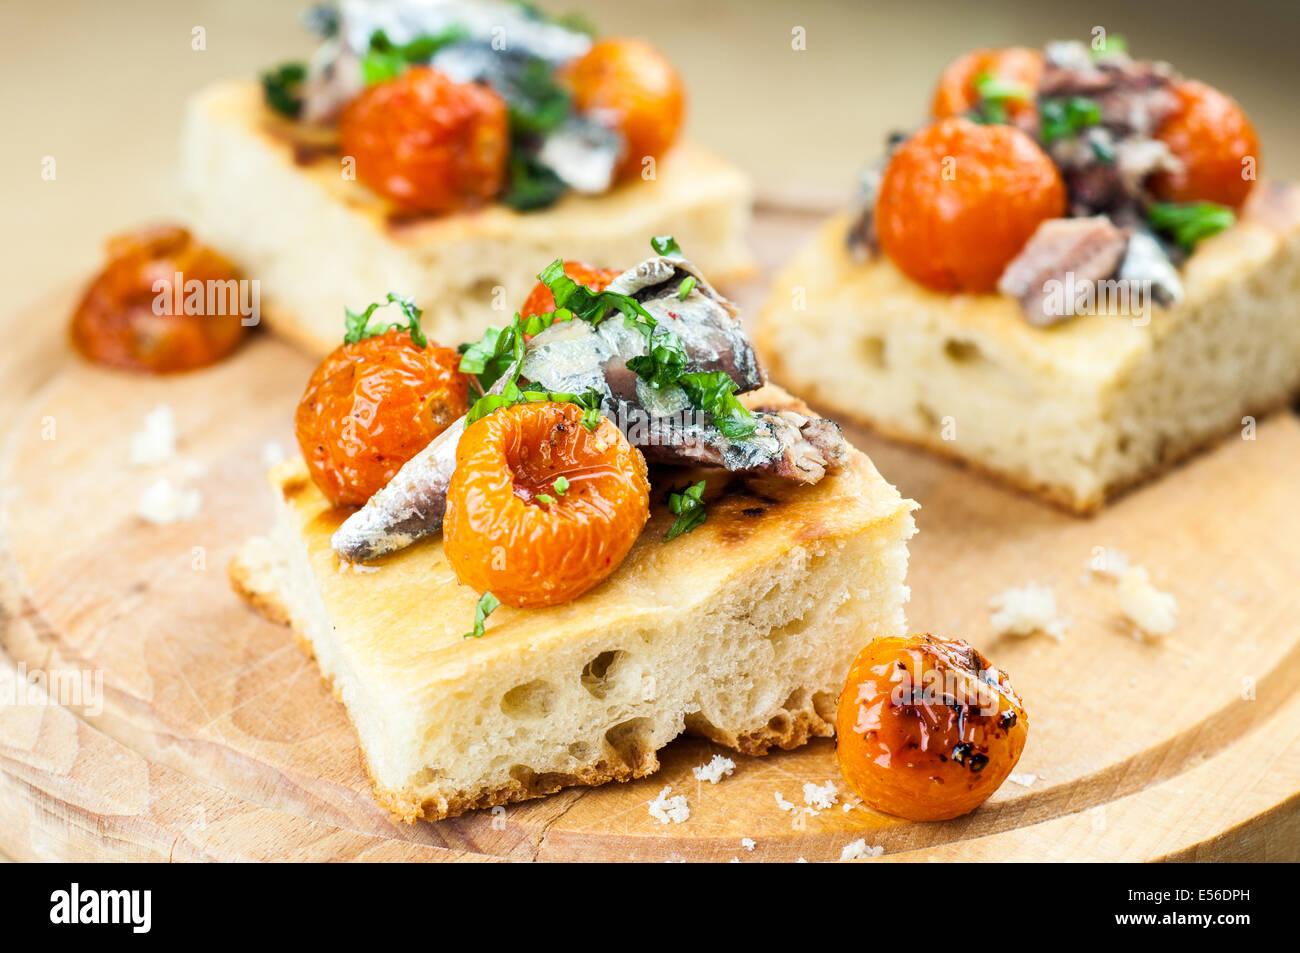 Délicieux avec de la focaccia de sardines et tomates cerises sur bois Photo Stock